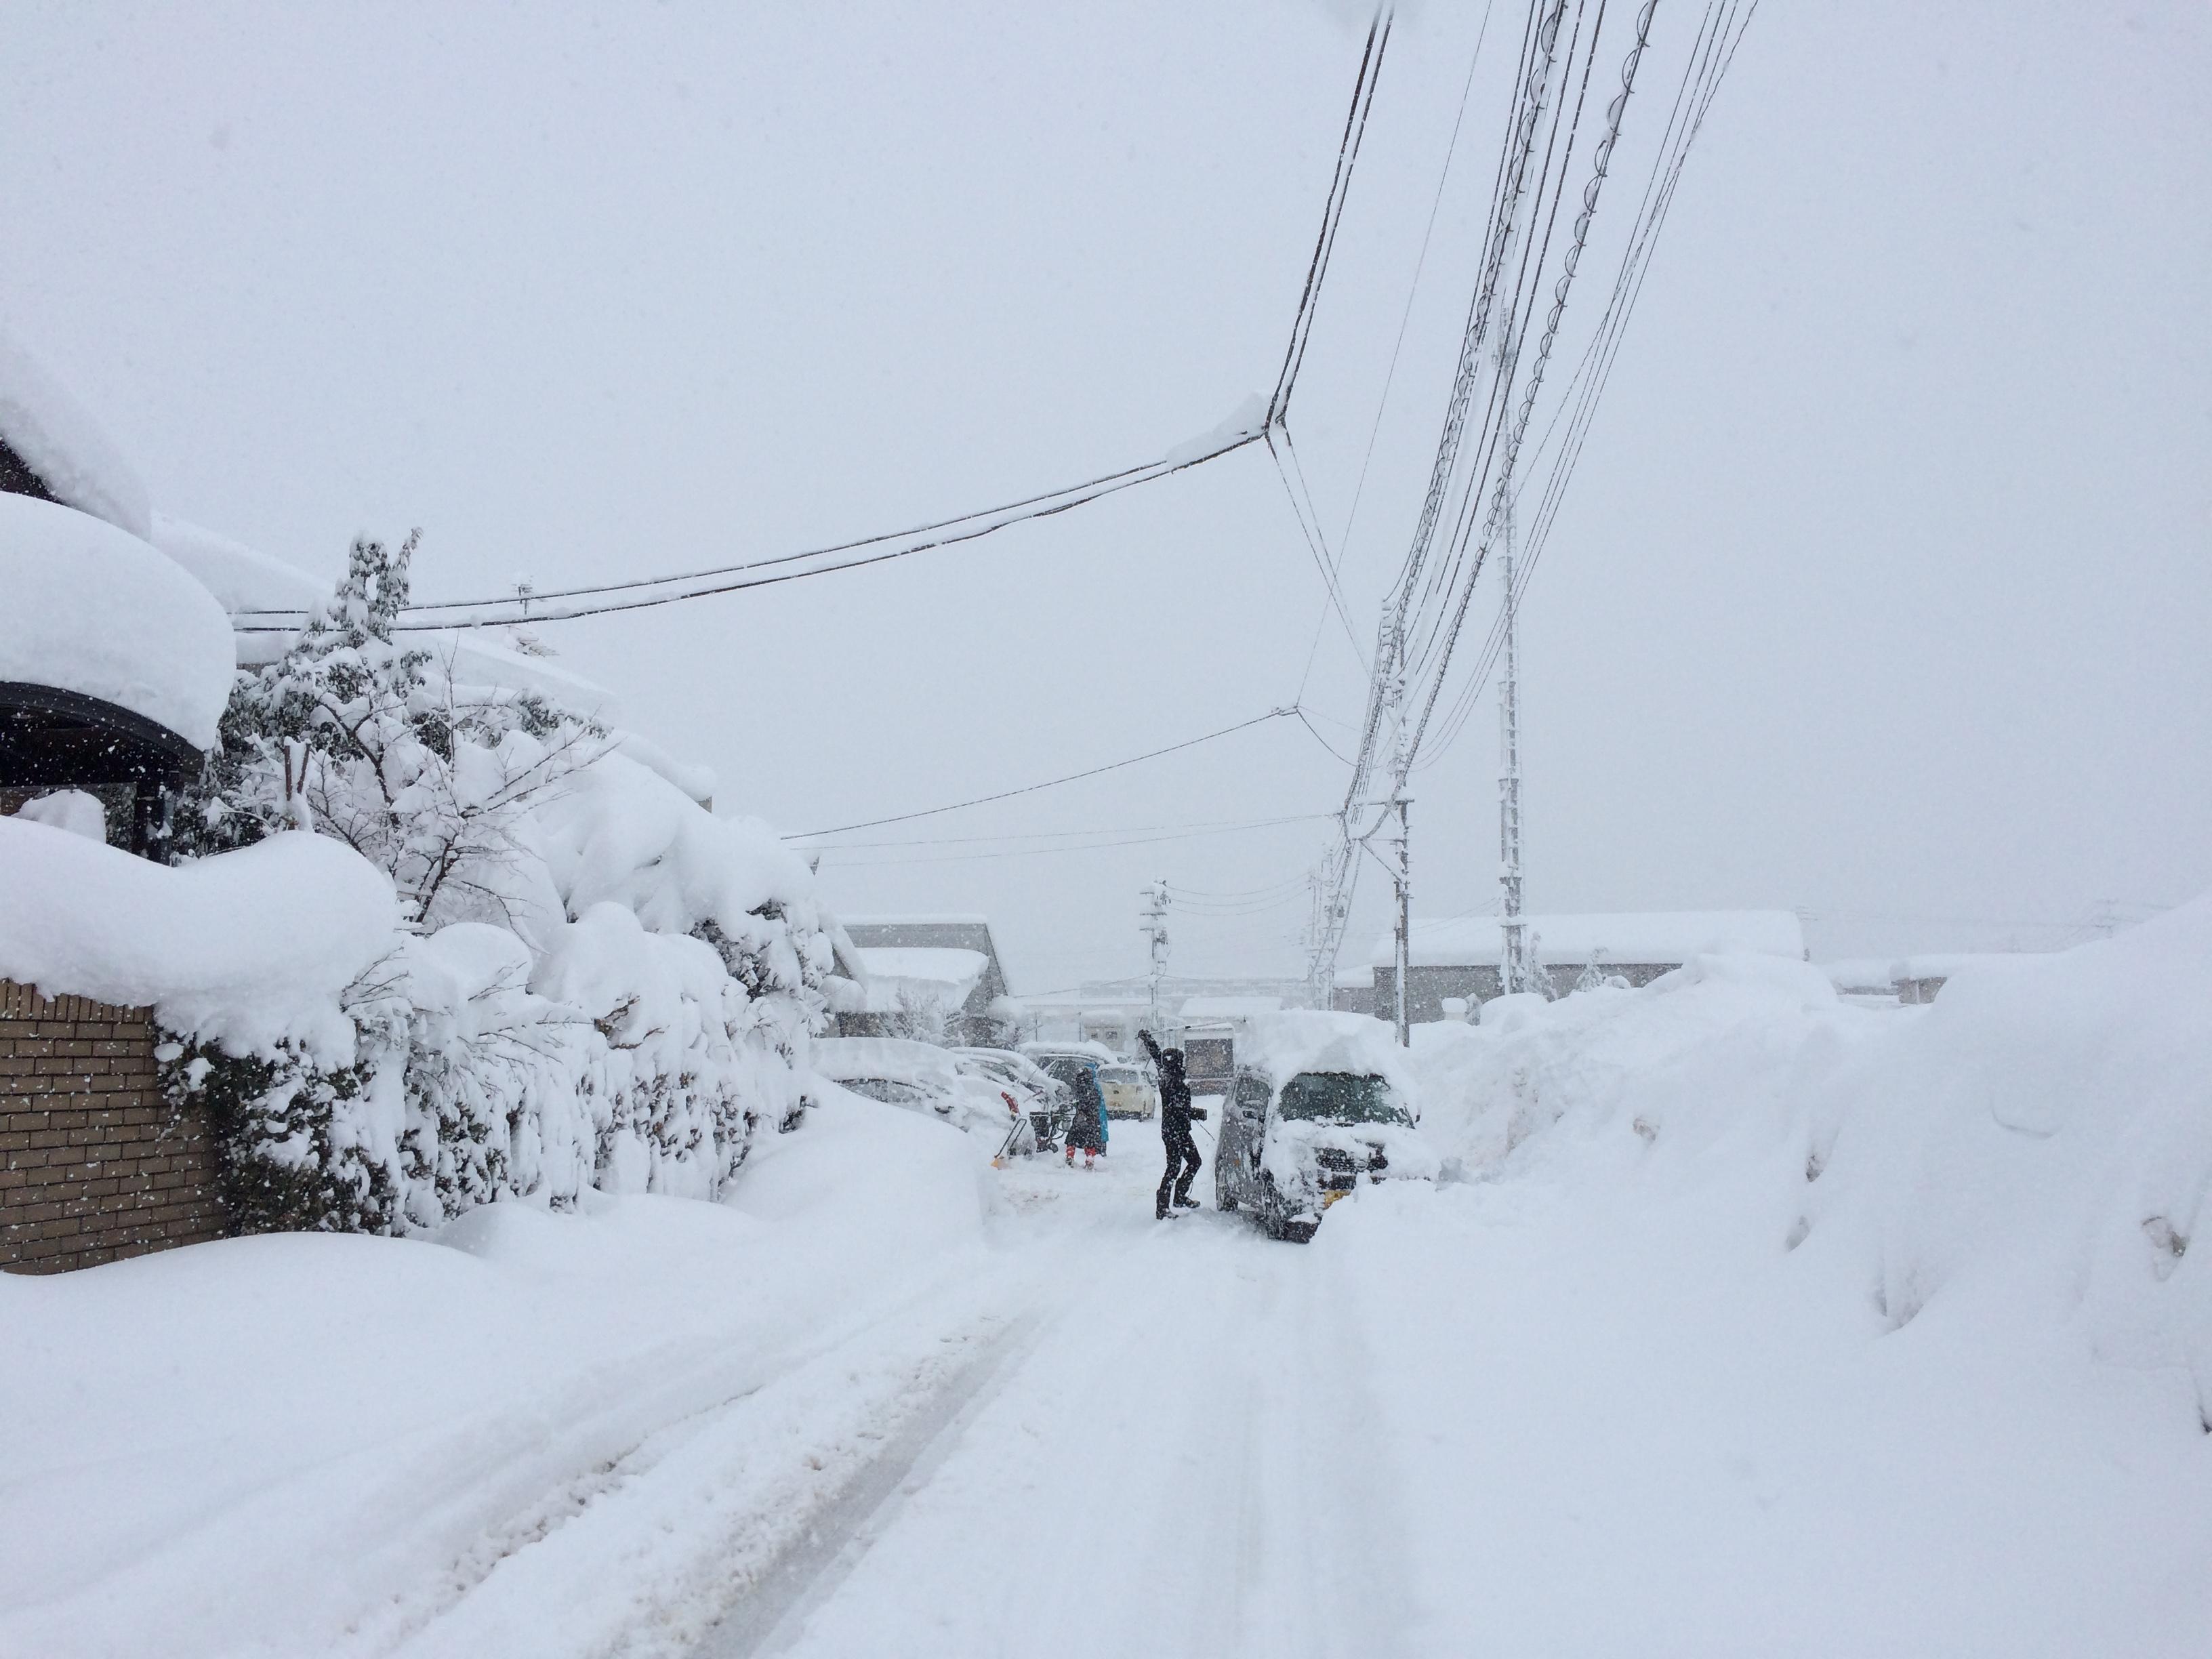 豪雪の朝。全員総出で雪かき。長岡市美沢4丁目。01